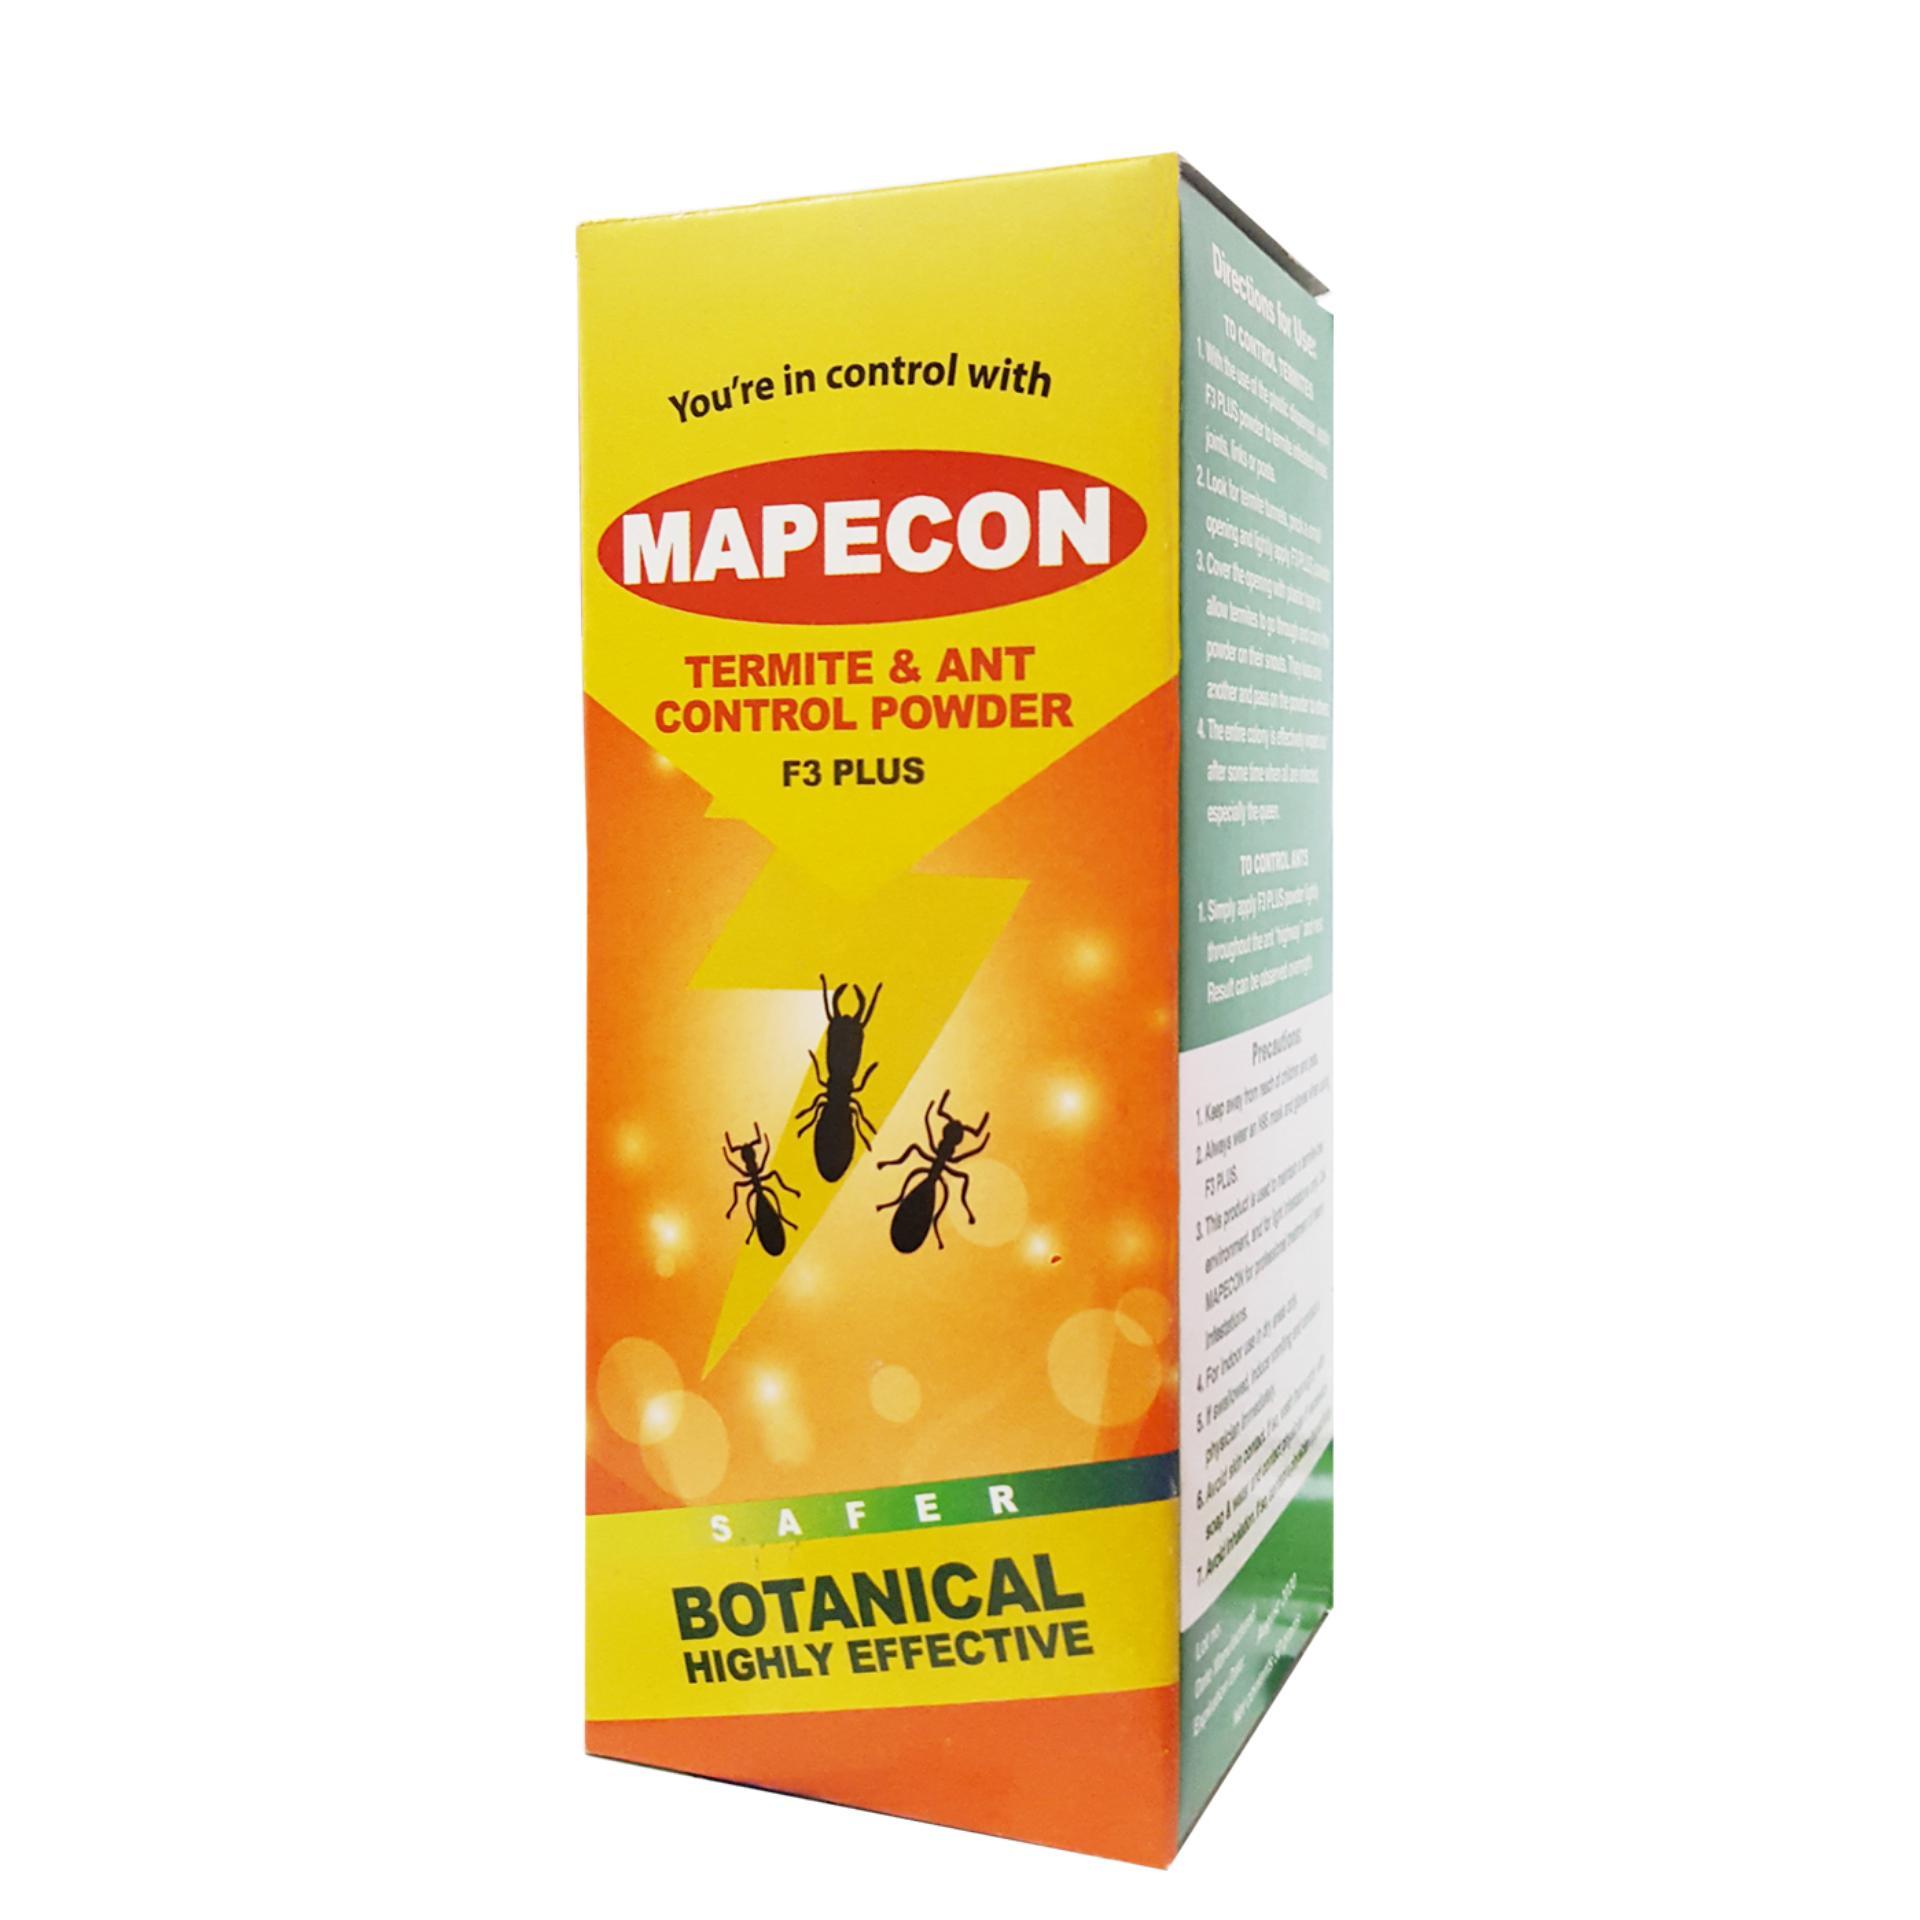 Mapecon F3plus Termite Powder, 50 Gms By Mapecon.